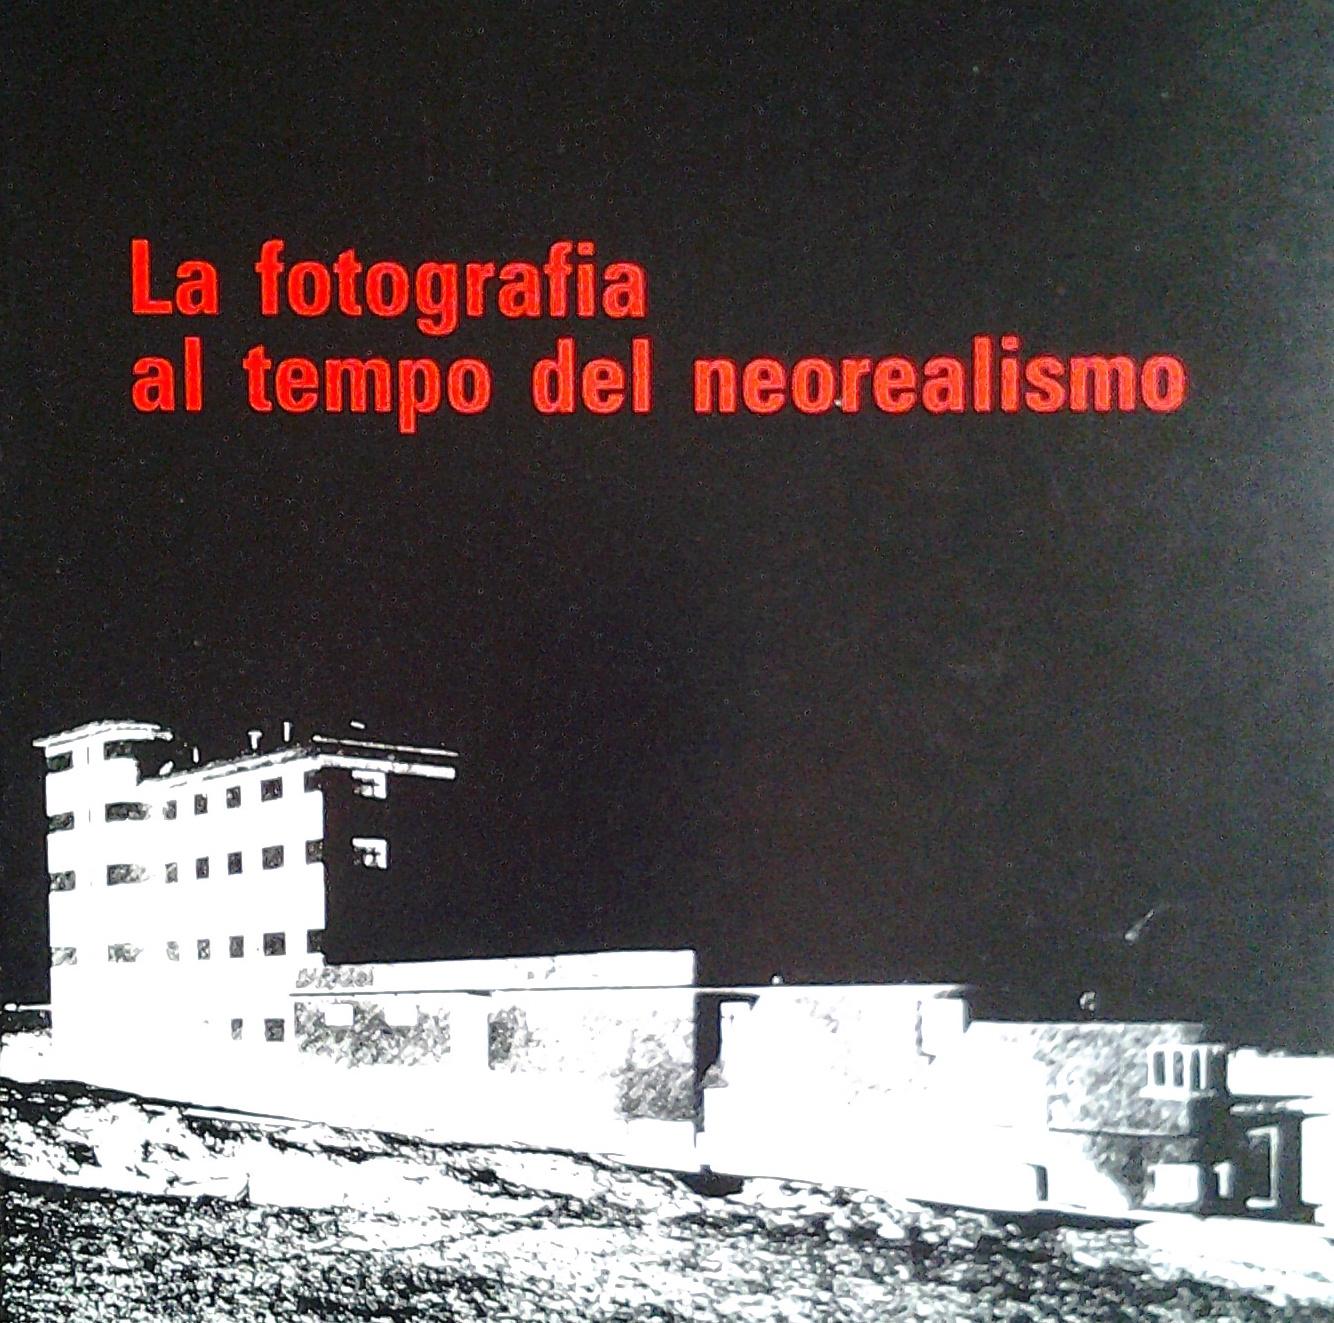 La fotografia al tempo del neorealismo